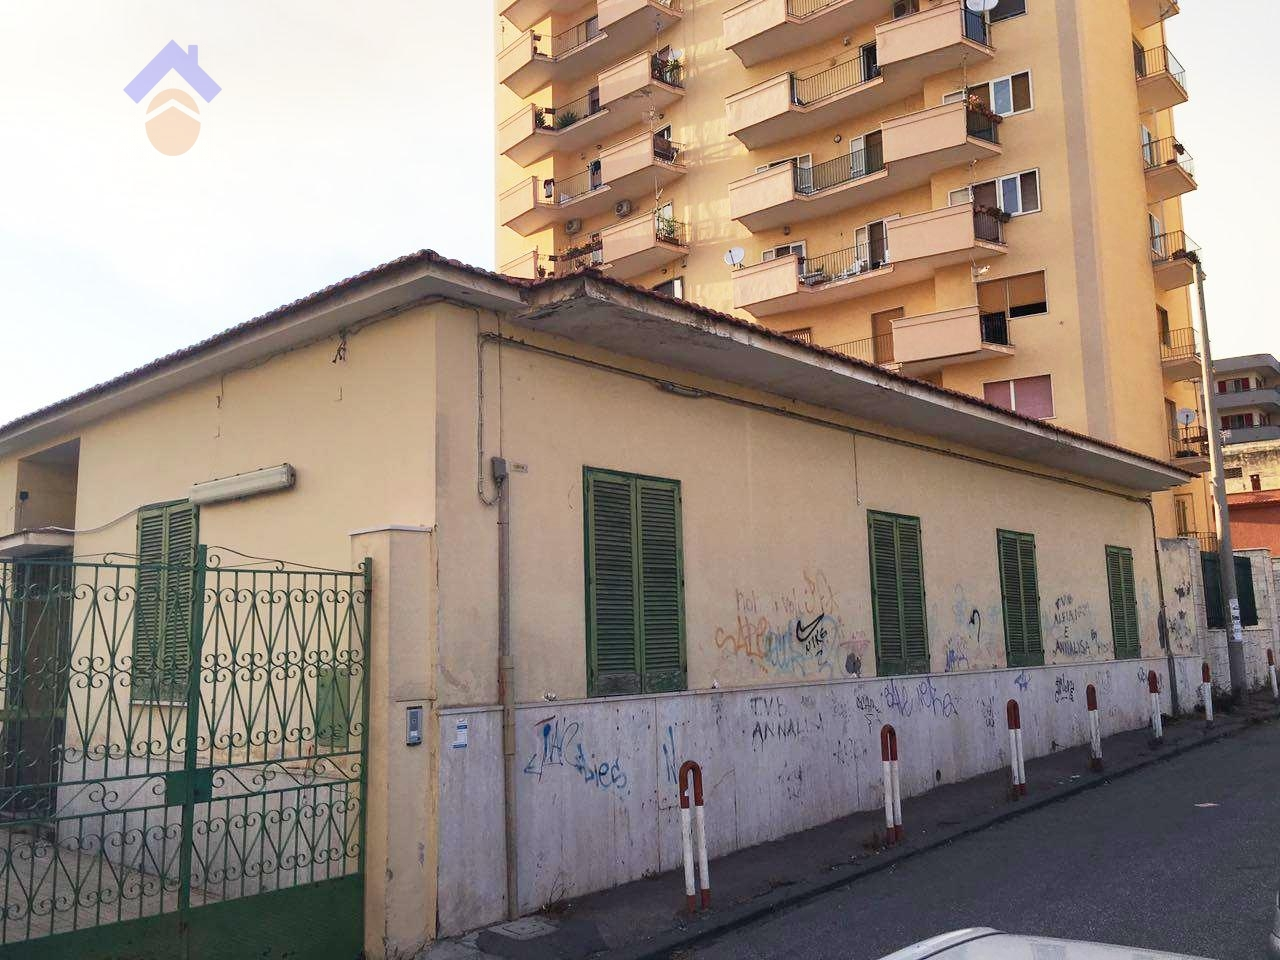 Villa in vendita a Torre Annunziata, 5 locali, zona Località: nord, prezzo € 360.000 | CambioCasa.it